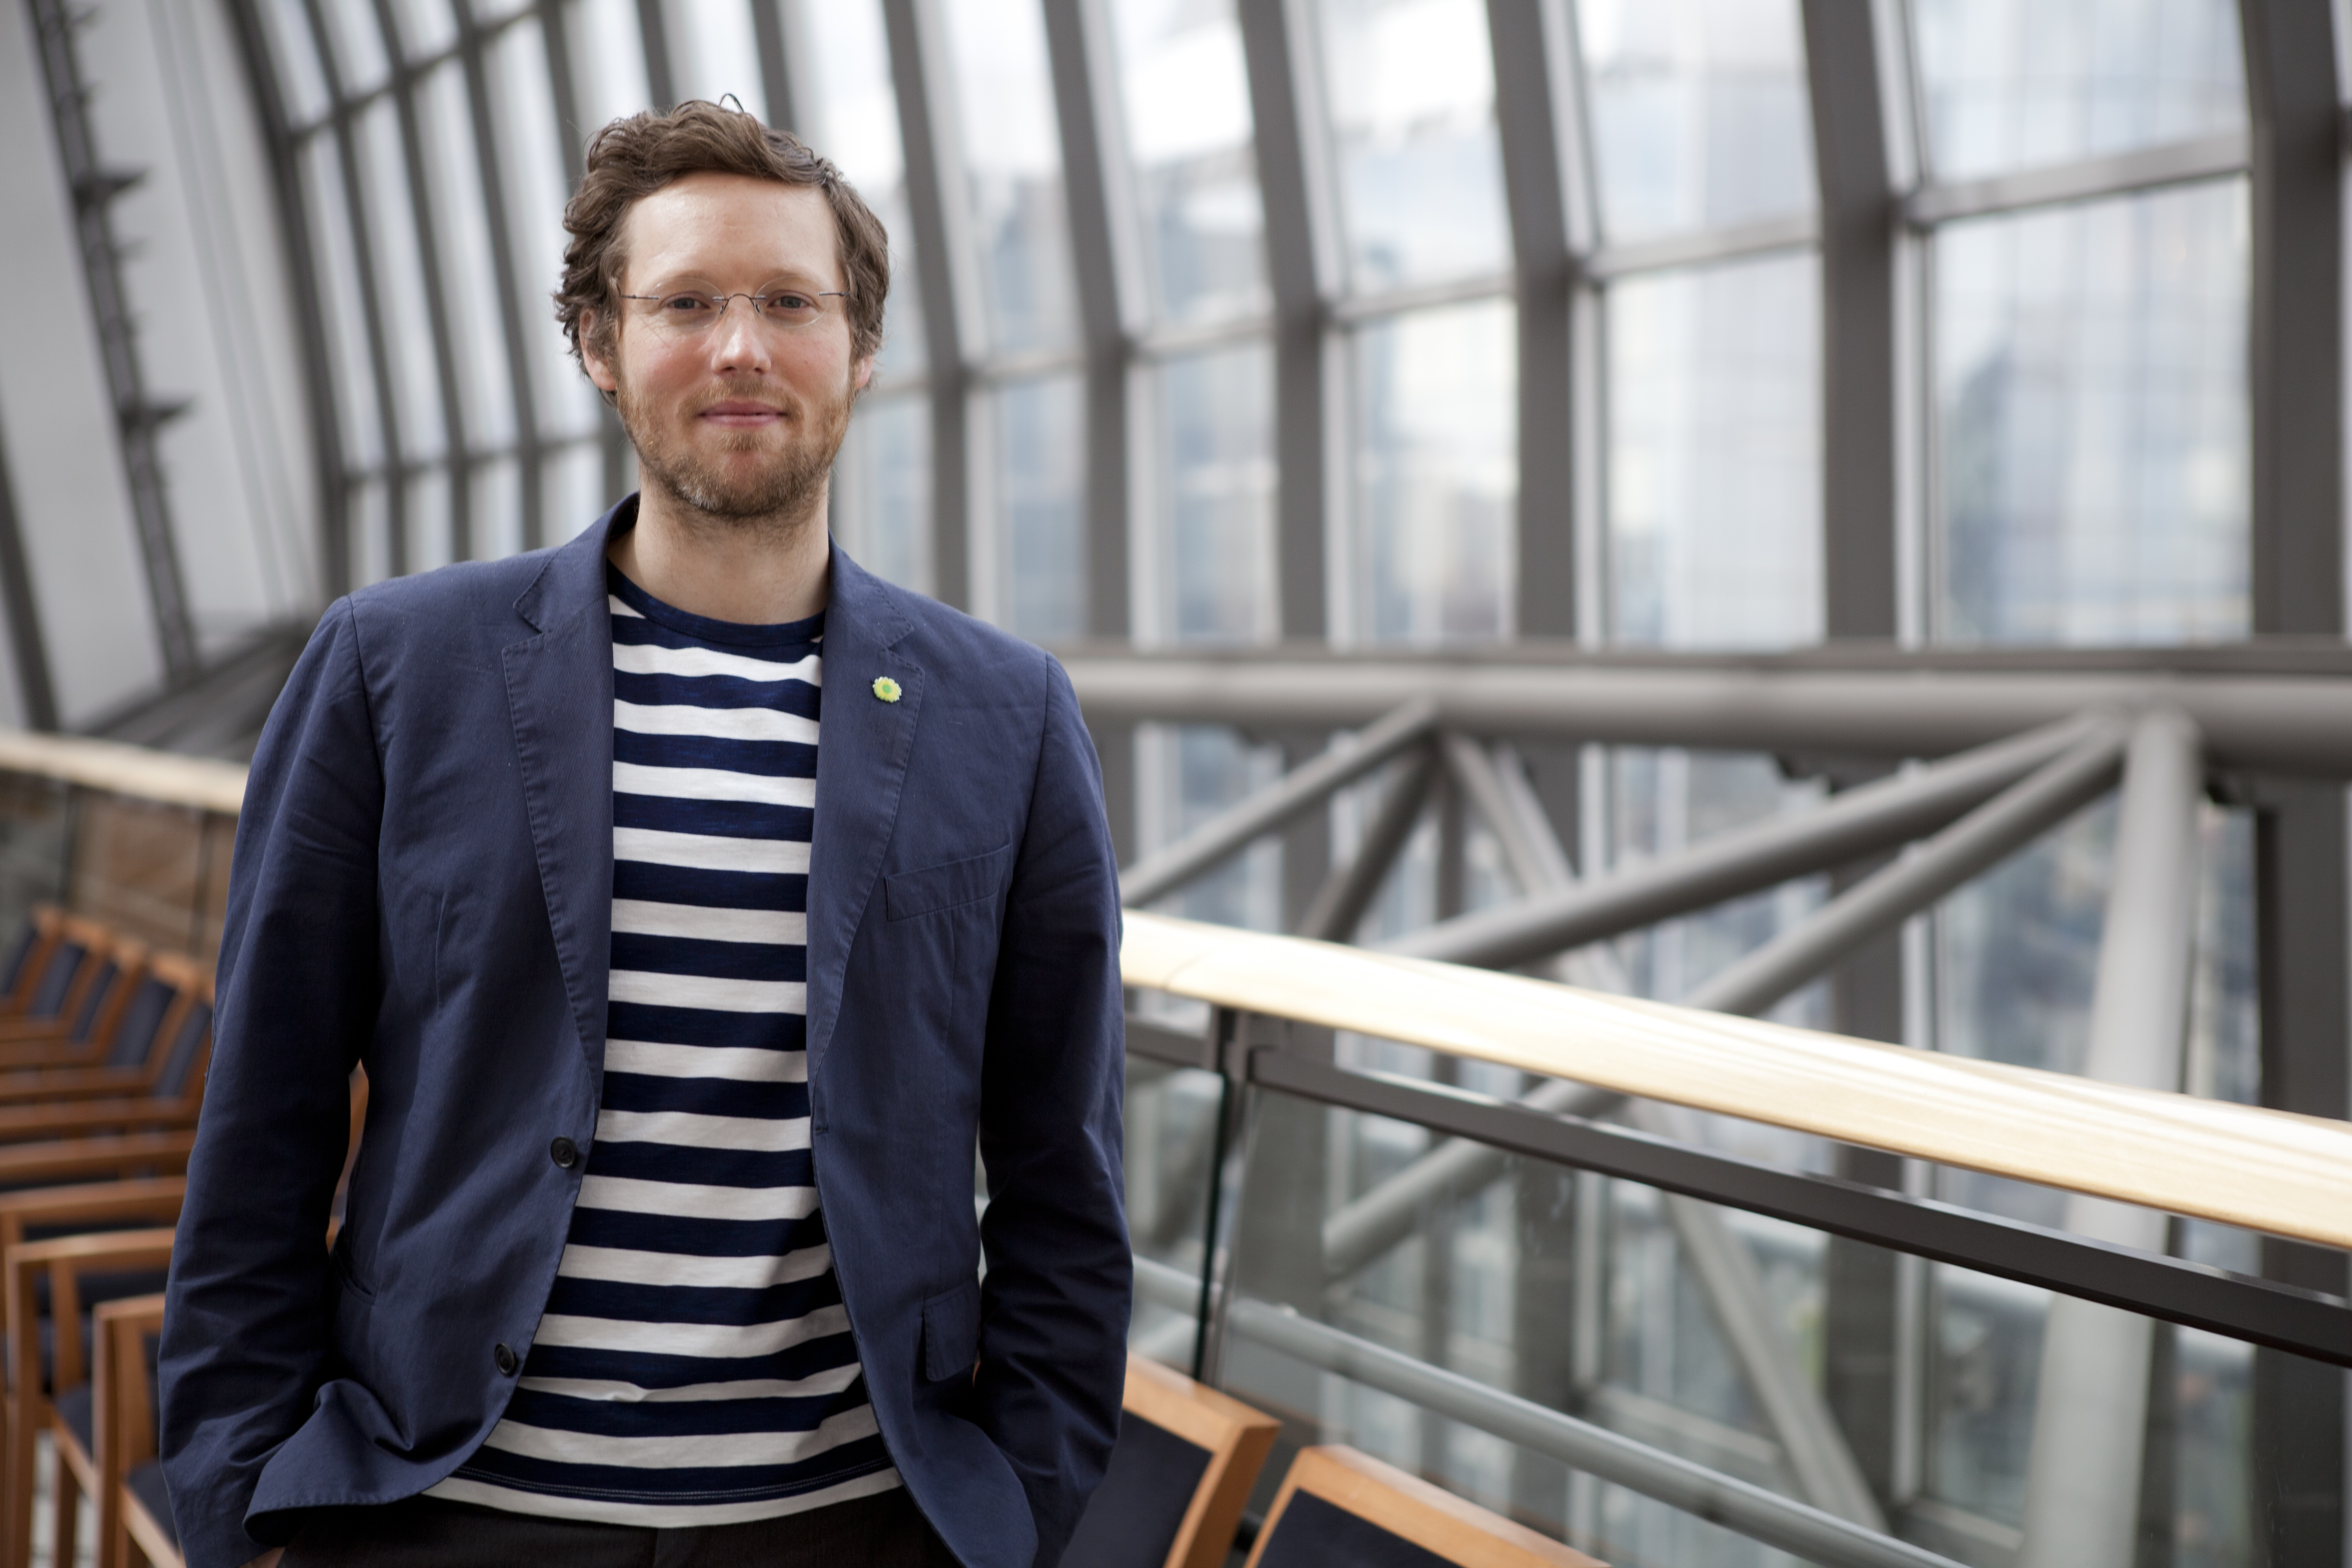 Europaabgeordneter Jan Philipp Albrecht, der Verhandlungsführer des EU-Parlaments zu DS-GVO, (c) by Firz Schumann